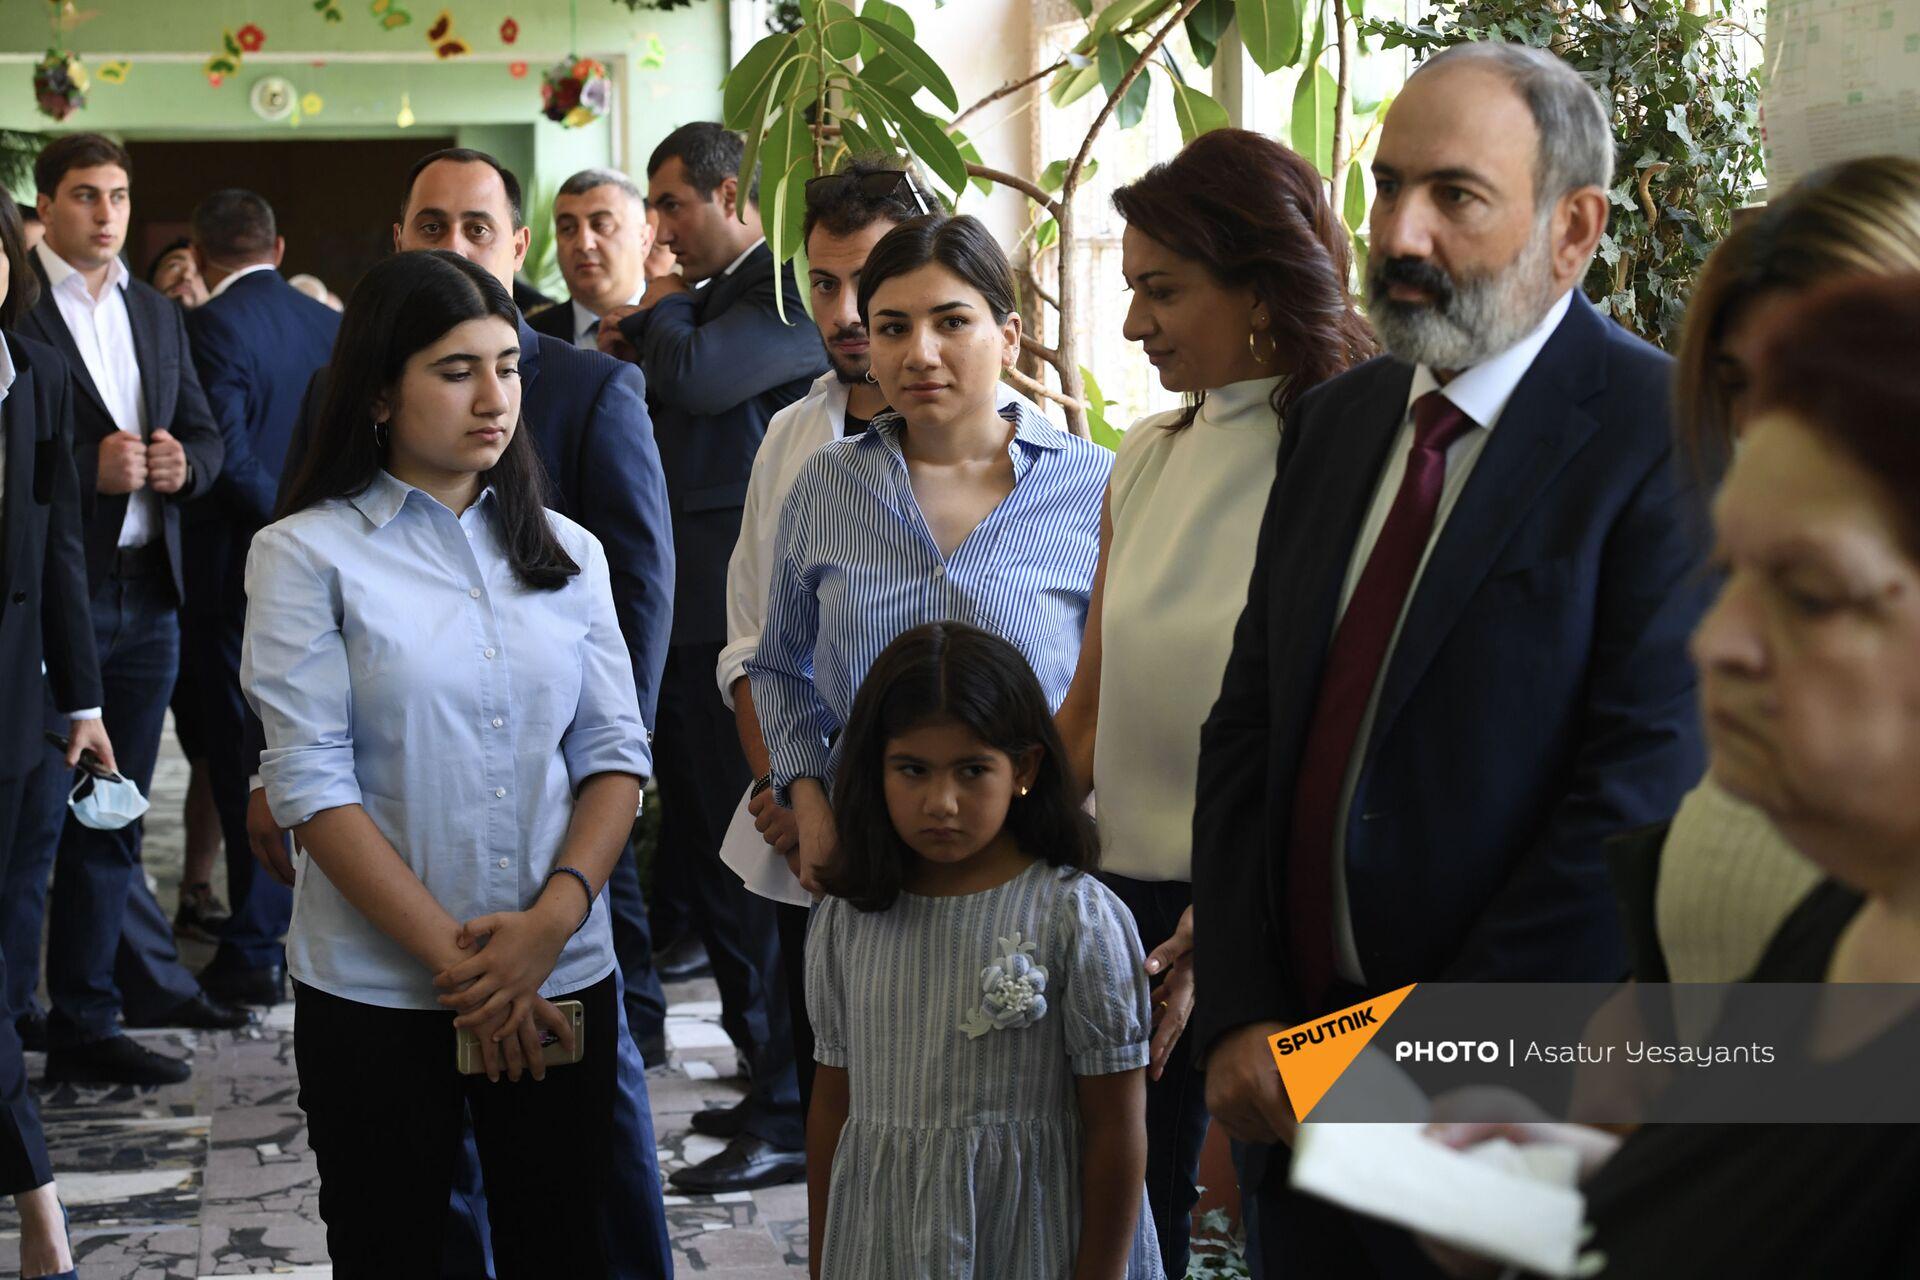 Пашинян проголосовал на выборах в парламент: с ним были супруга и дети - Sputnik Армения, 1920, 20.06.2021